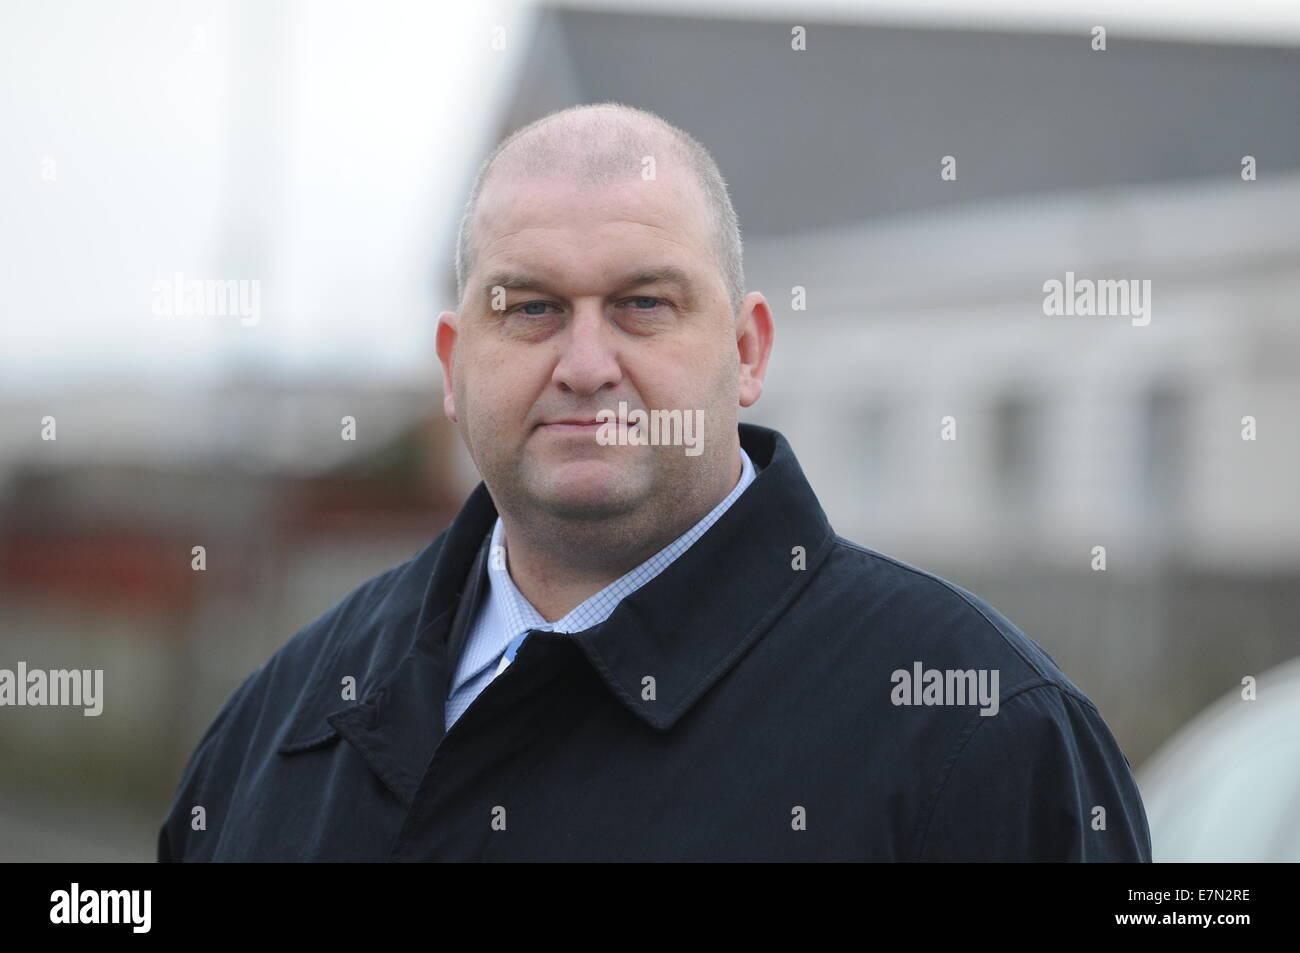 Welsh AM Carl Sargeant Ministro delle risorse naturali. Immagini Stock